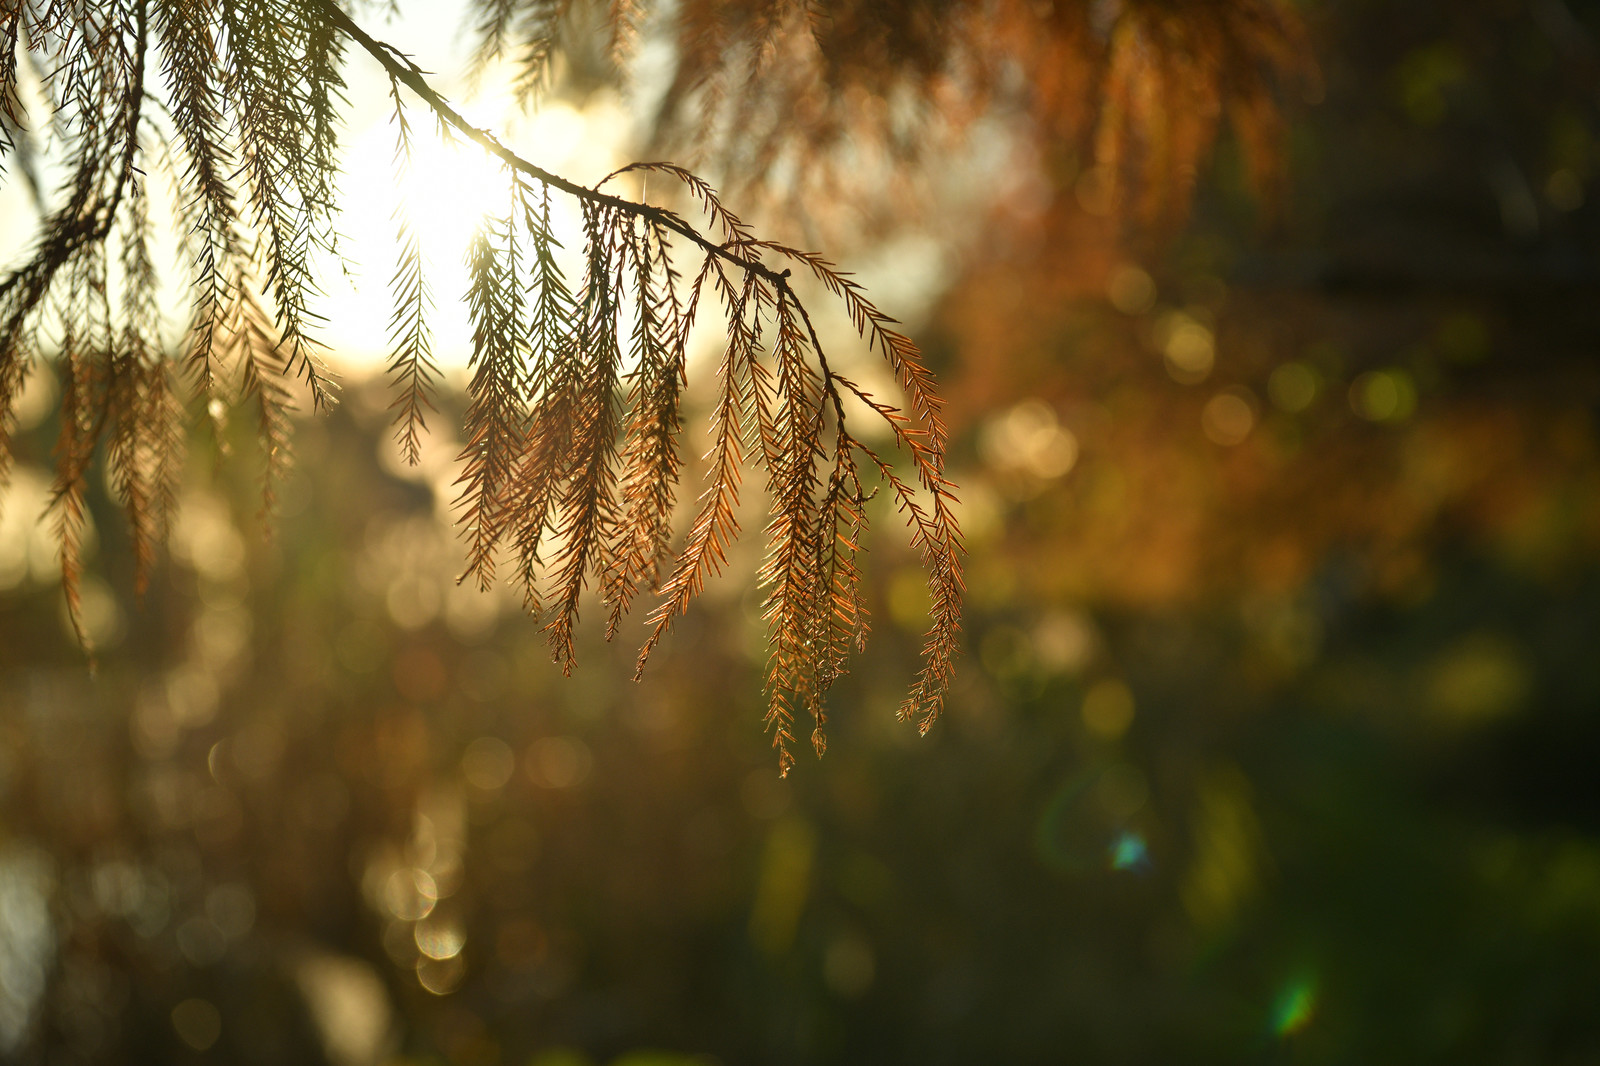 「夕日を浴びる松の葉」の写真